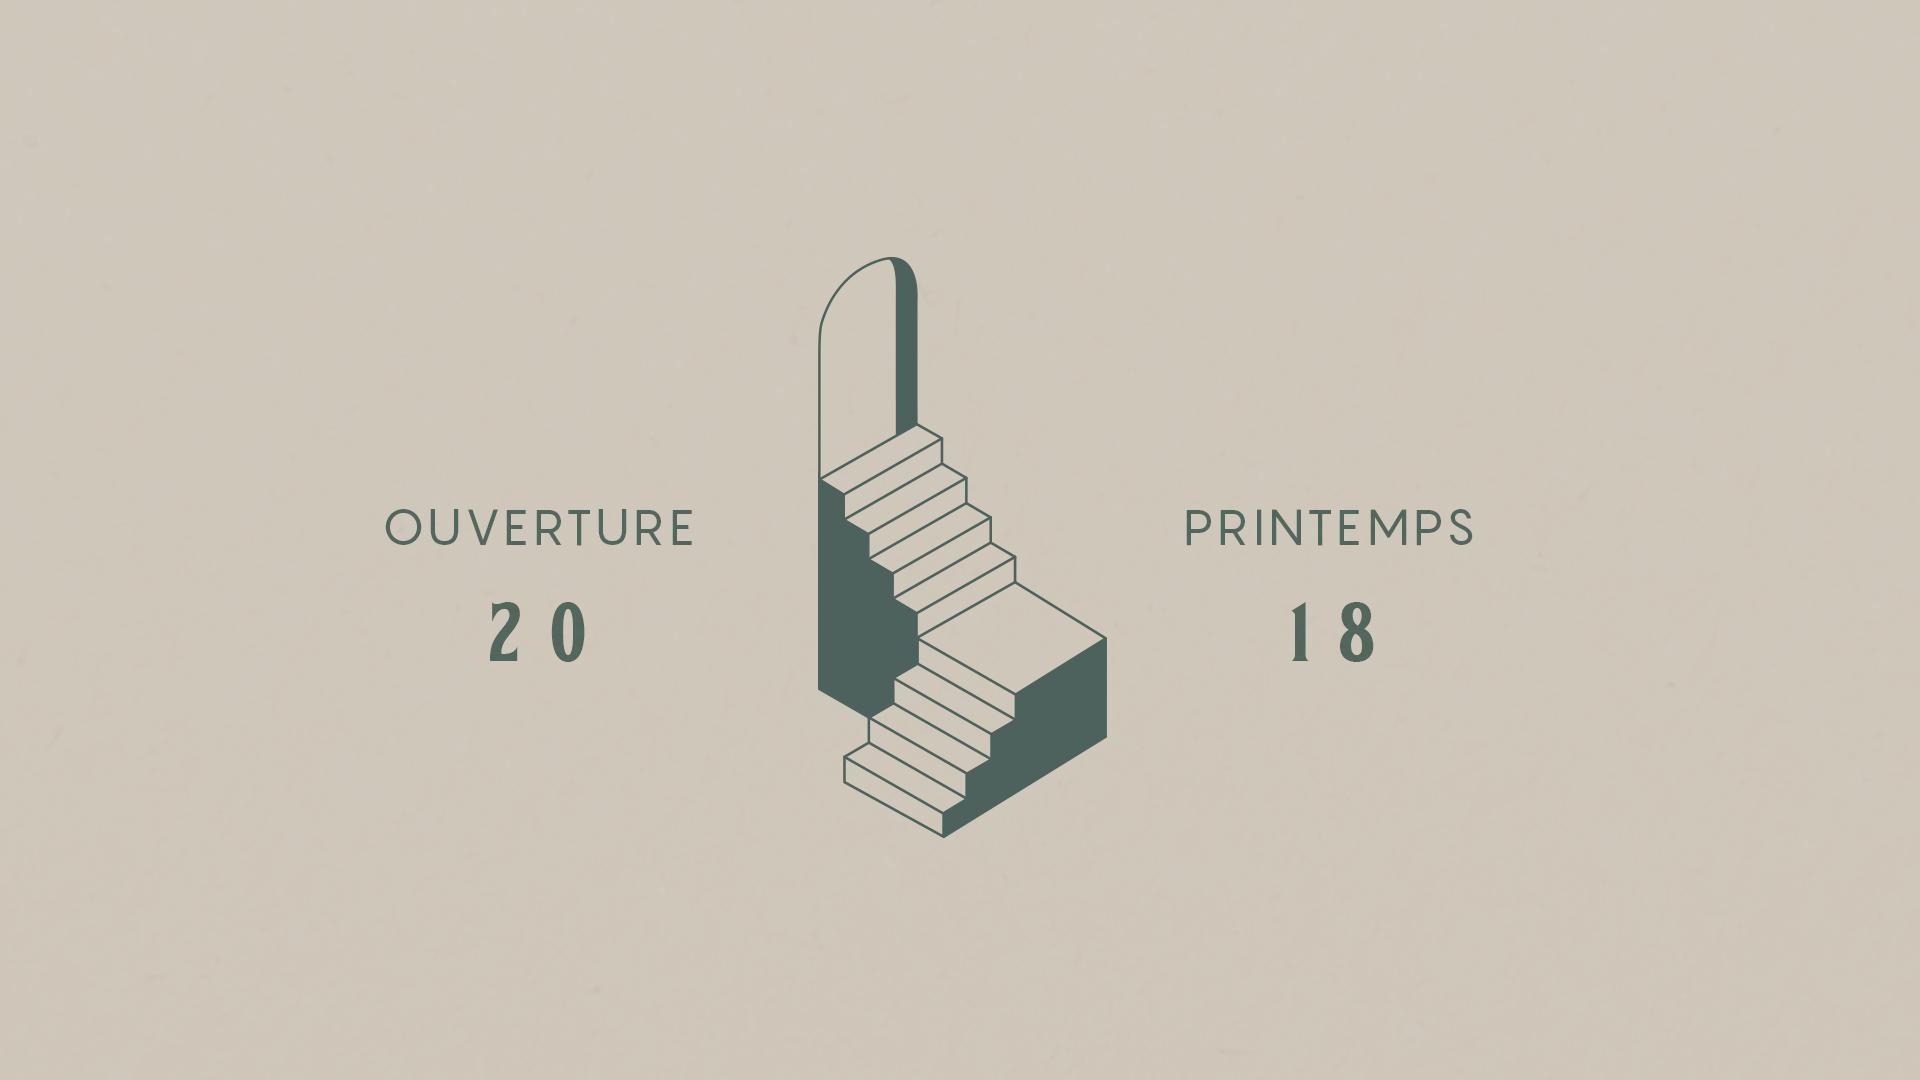 L'image graphique a été créée, par la propriétaire Noémie Lavoie, avant que l'on entame notre travail de design d'intérieur. Ces illustrations furent donc nos inspirations pour débuter le projet.